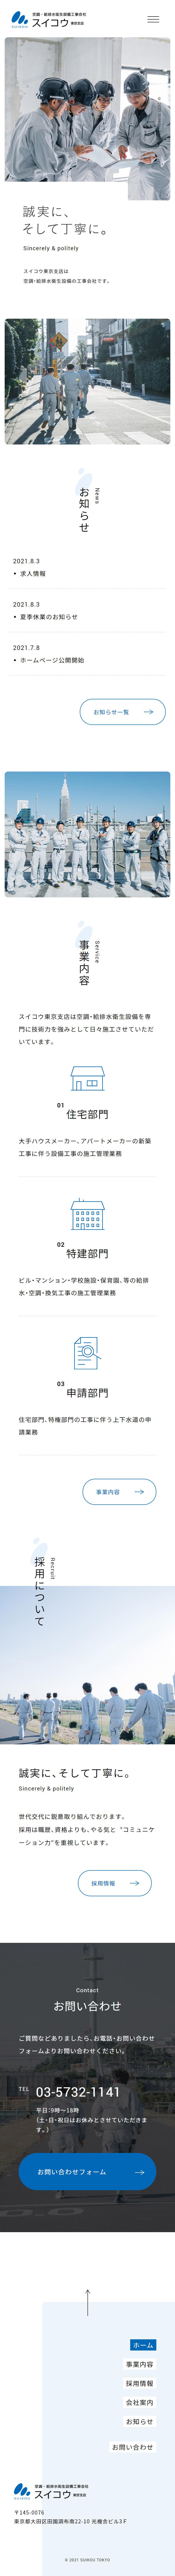 スイコウ 東京支店 | 空調・給排水衛生設備工事会社